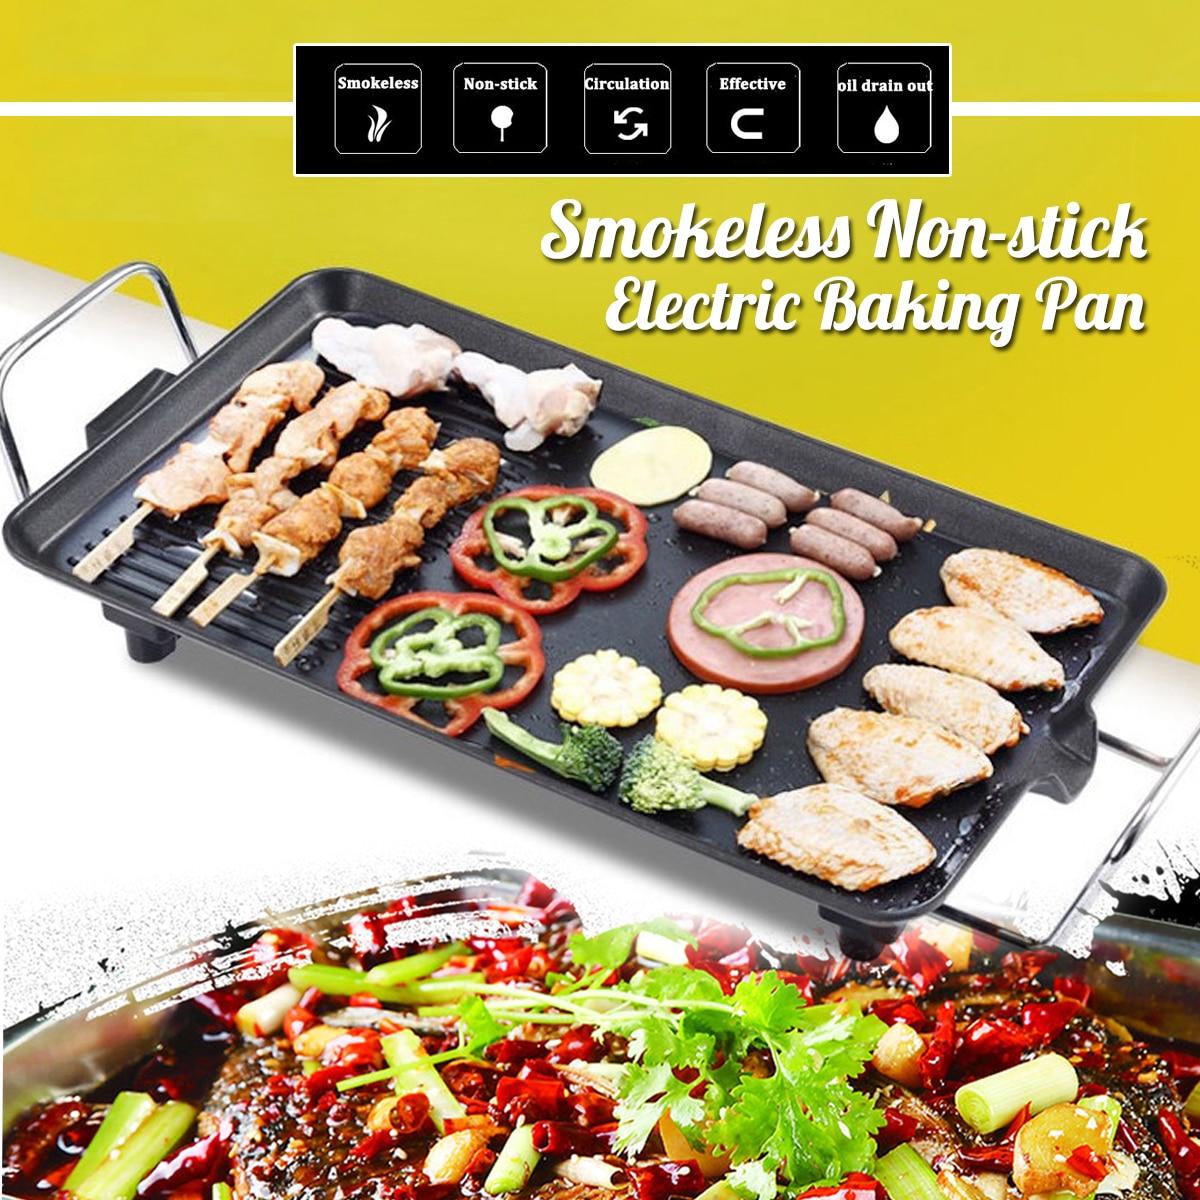 220 V plaque chauffante électrique barbecue Grill cuisine Teppanyaki Surface antiadhésive 1500 W température réglable incroyablement polyvalent